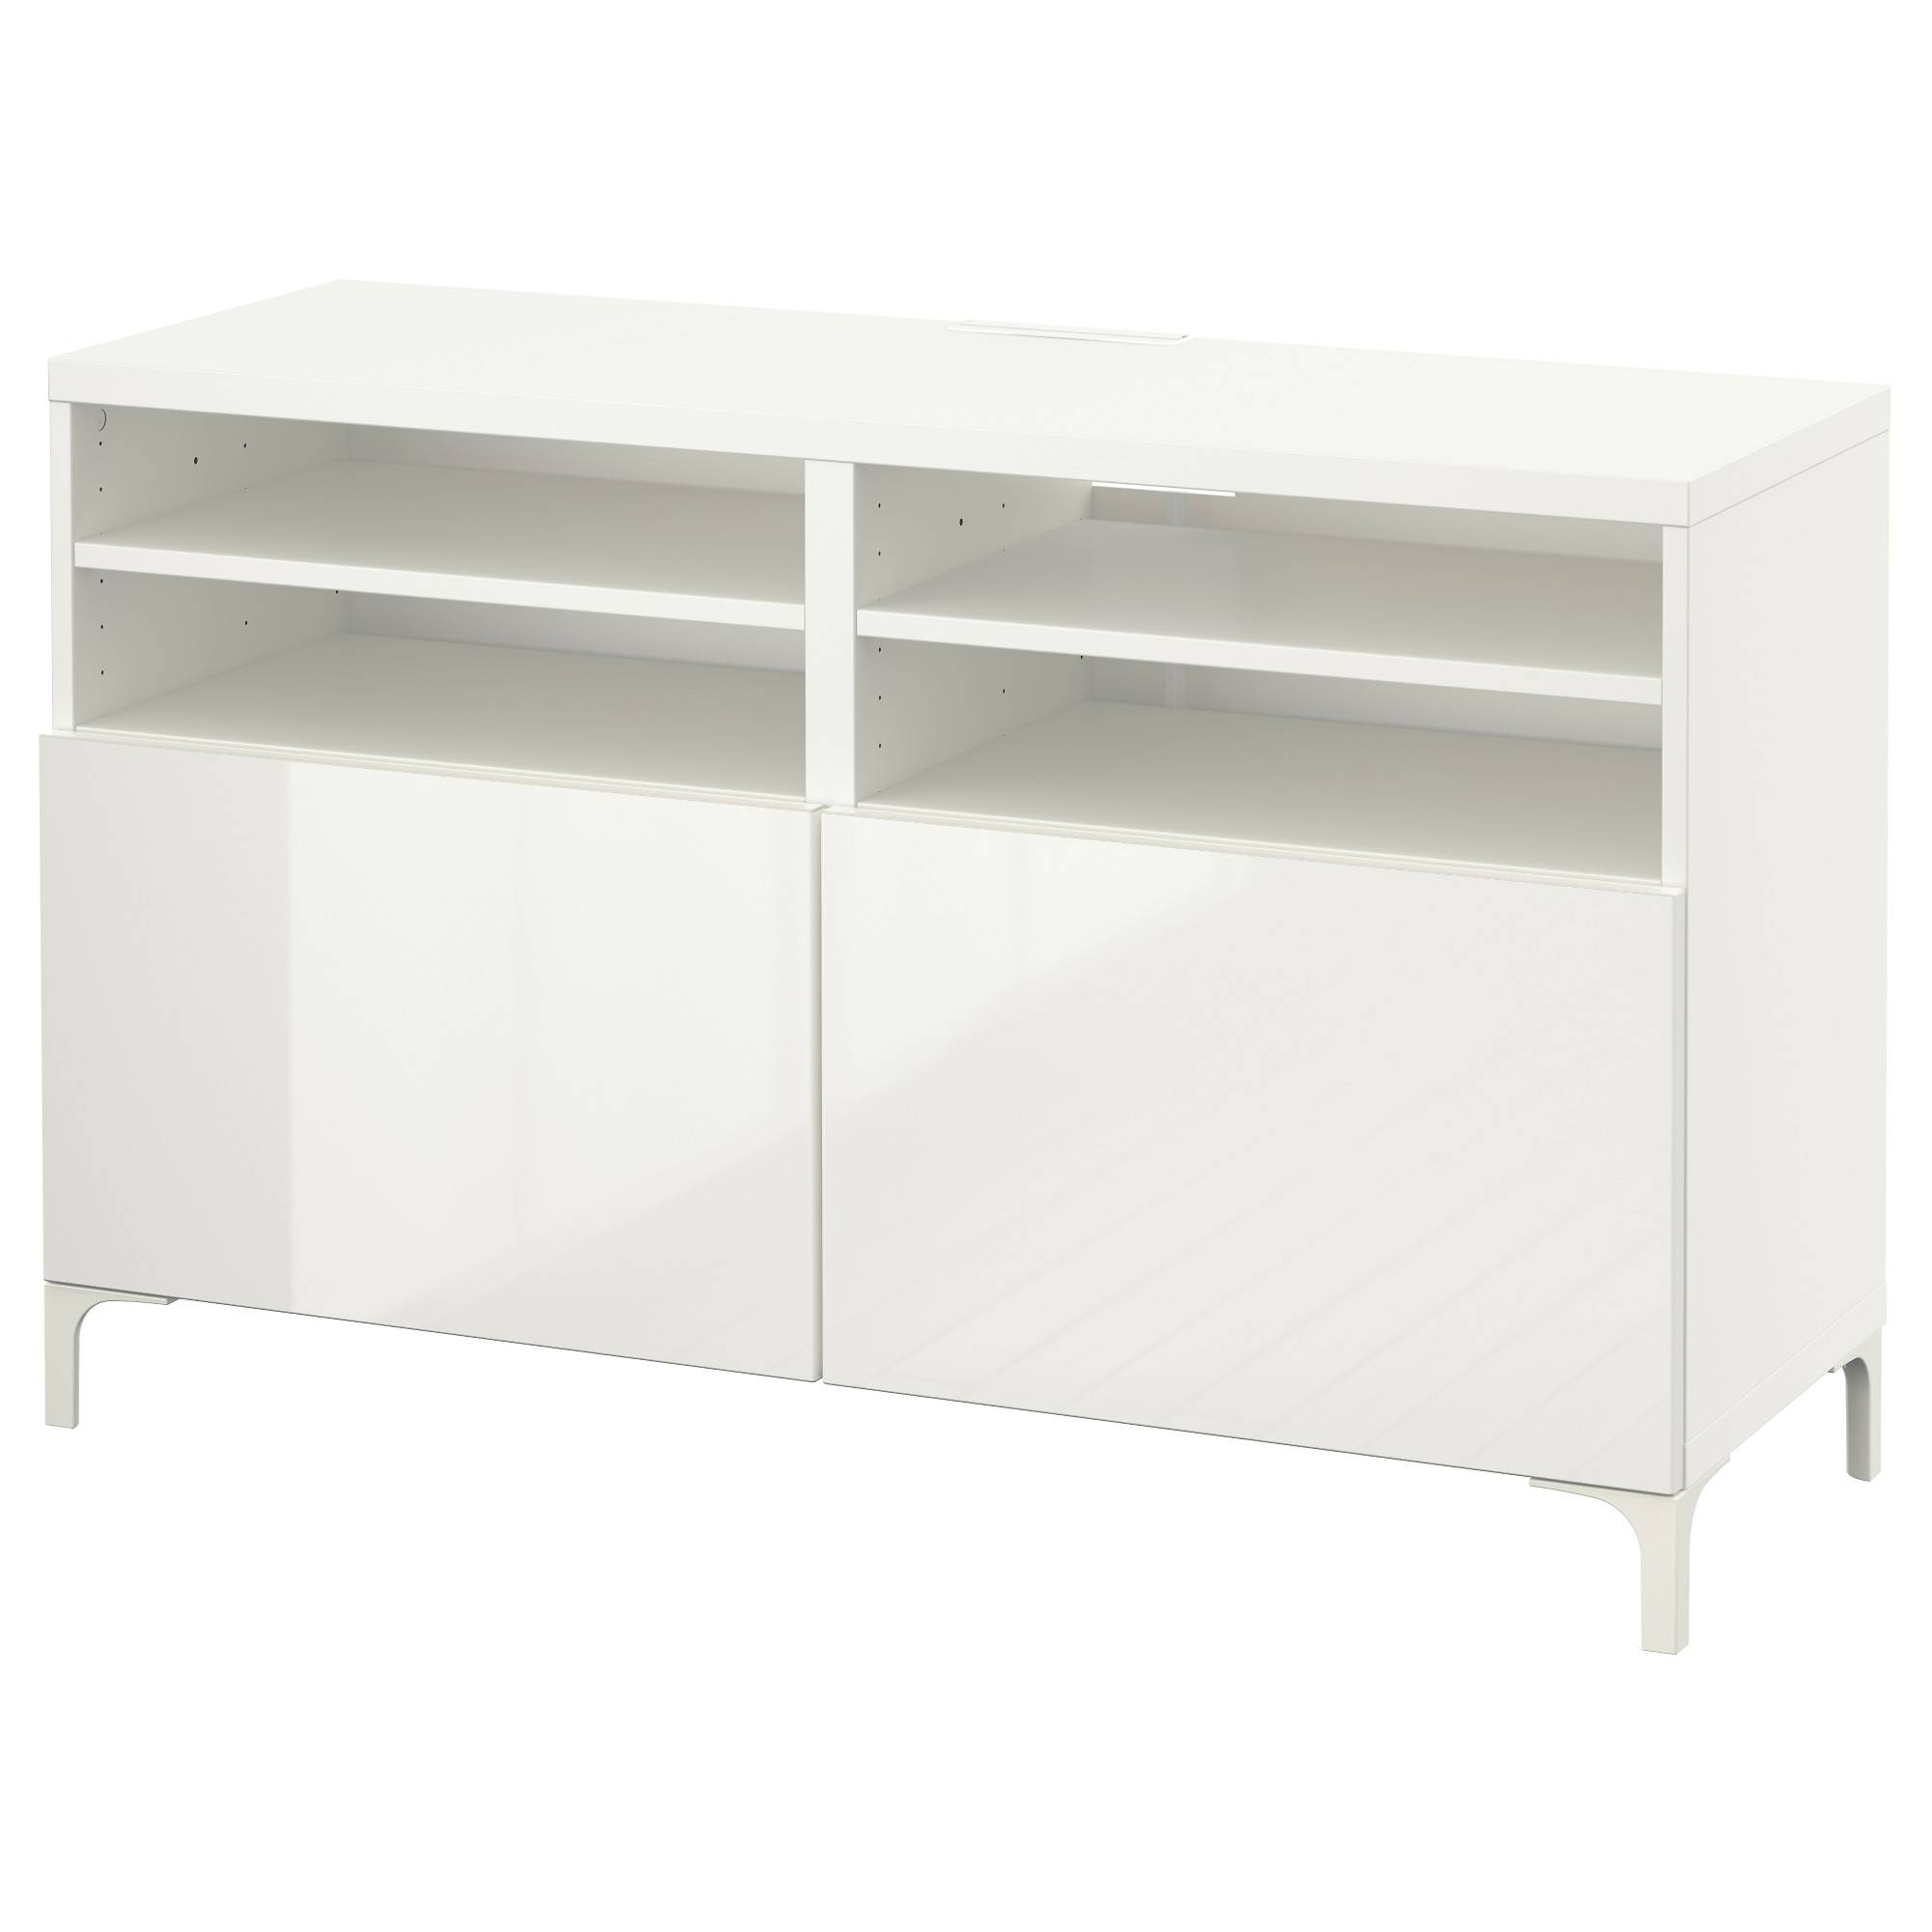 Bestå Tv Unit With Doors - White/selsviken High-Gloss/white - Ikea inside White Gloss Ikea Sideboards (Image 7 of 15)